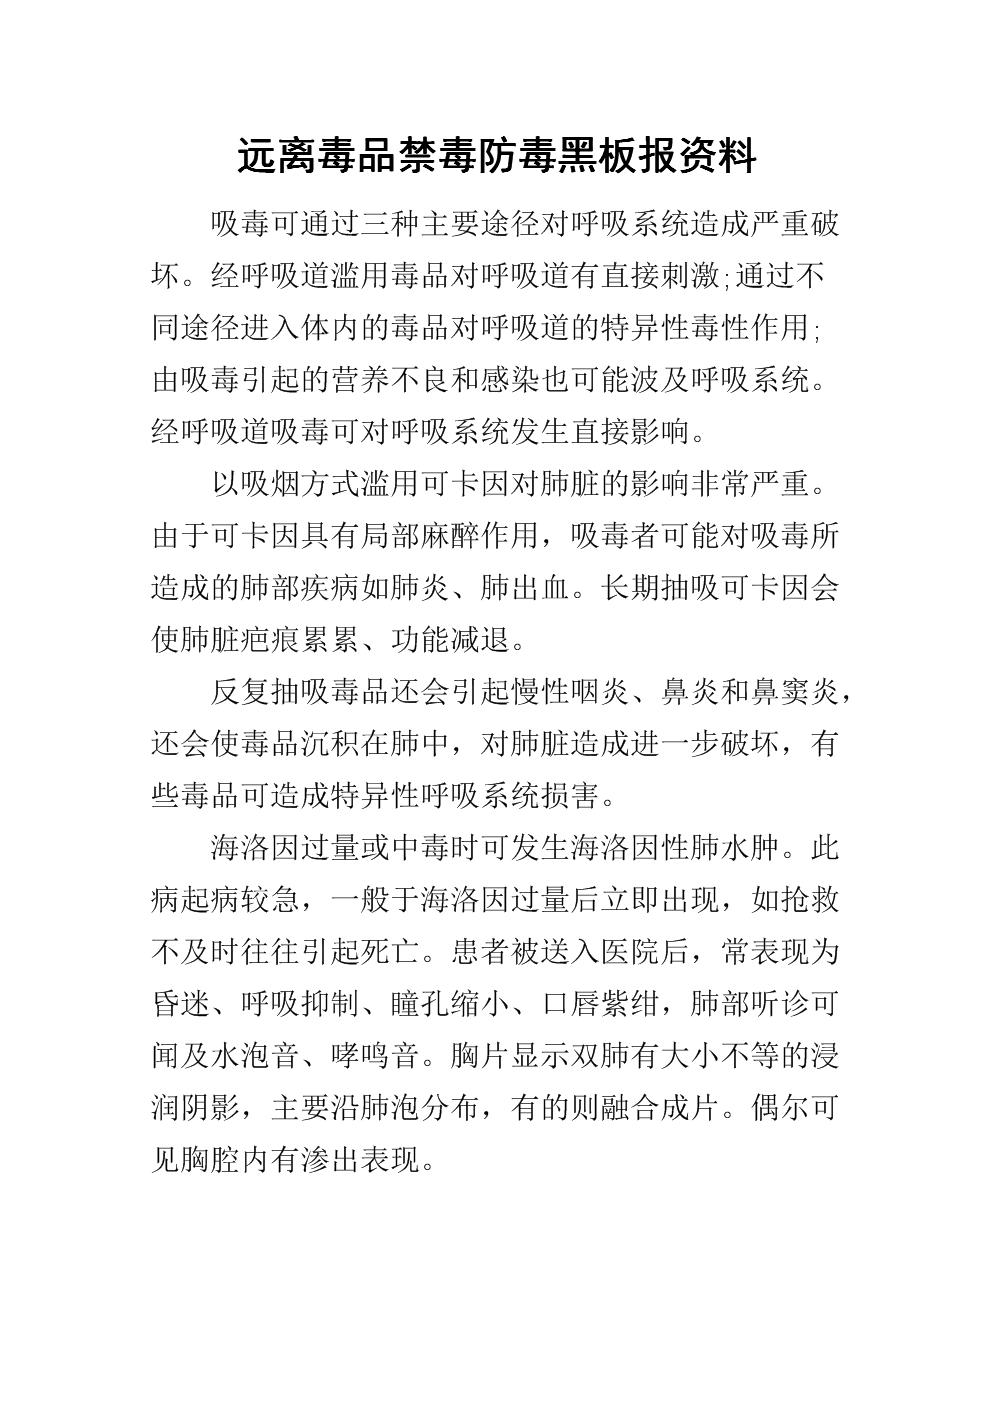 远离毒品禁毒防毒黑板报资料.docx